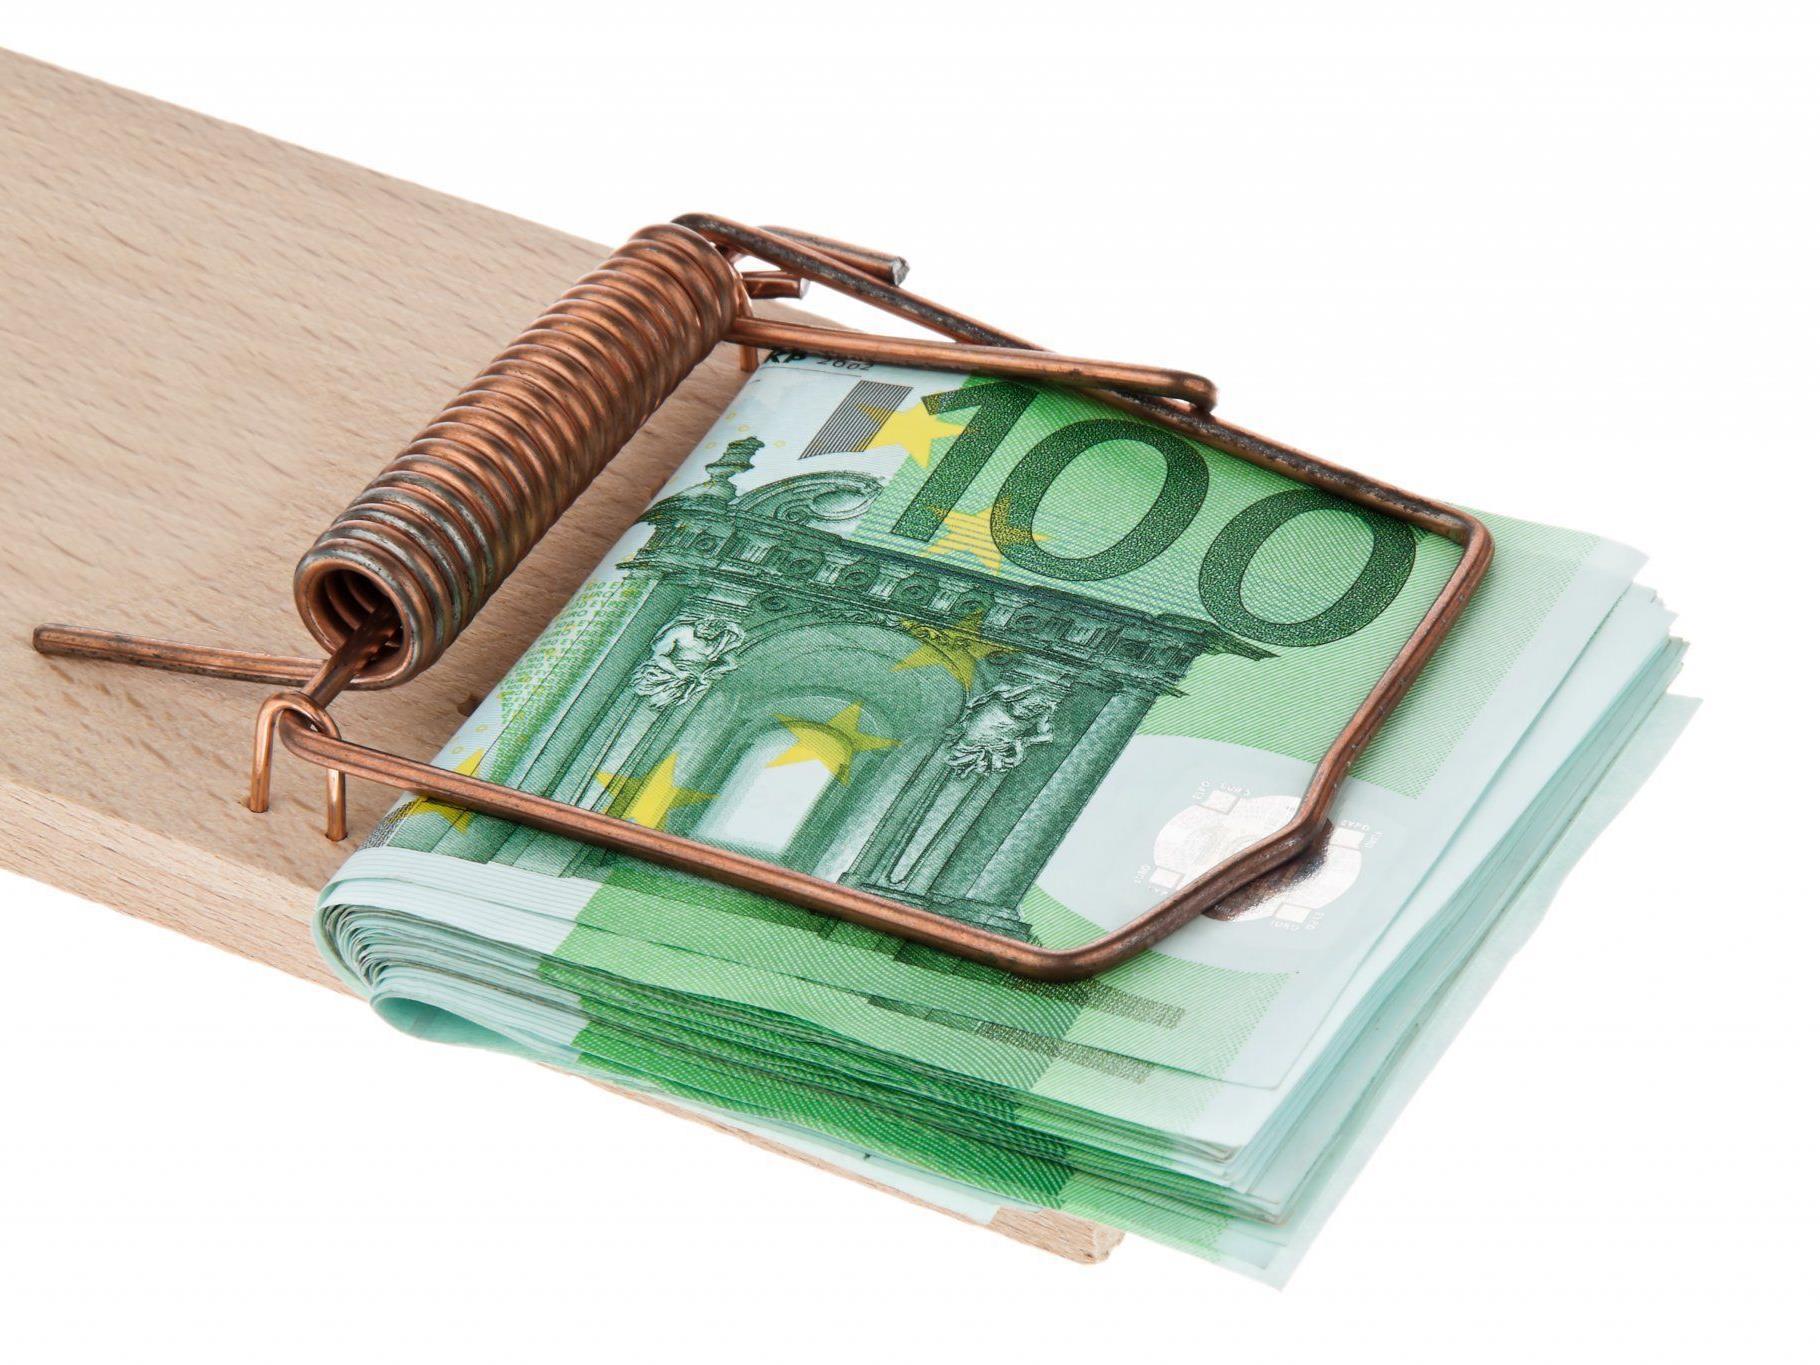 Die Schuldenfalle schlägt schneller zu als man glauben sollte. Die Folge: Privatkonkurs.